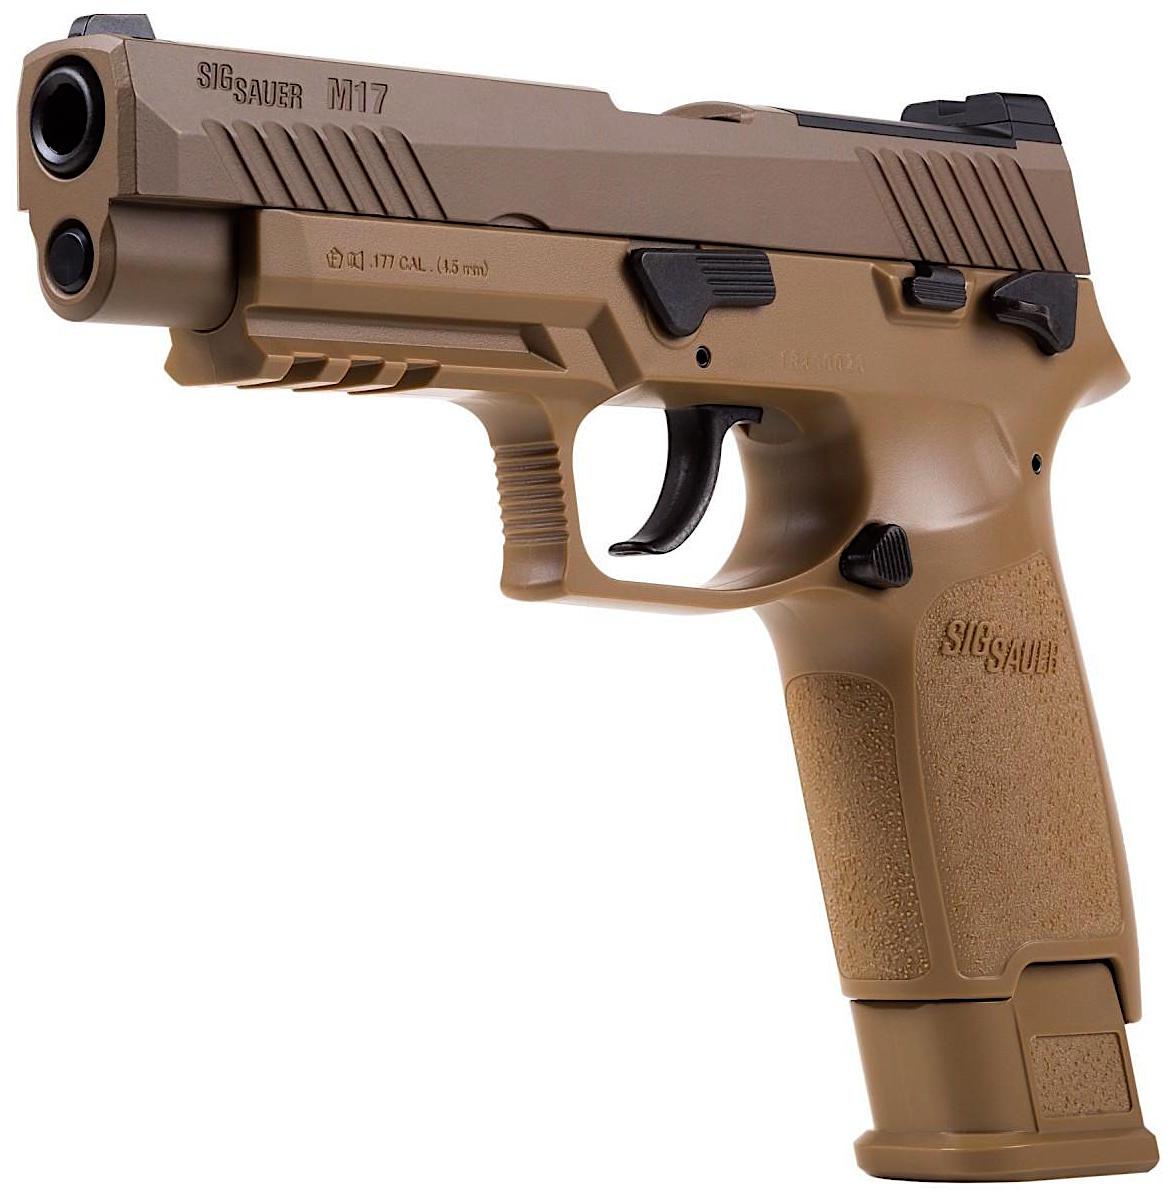 SIG Sauer M17 Blowback Pellet Pistol Left Side Angle.jpg